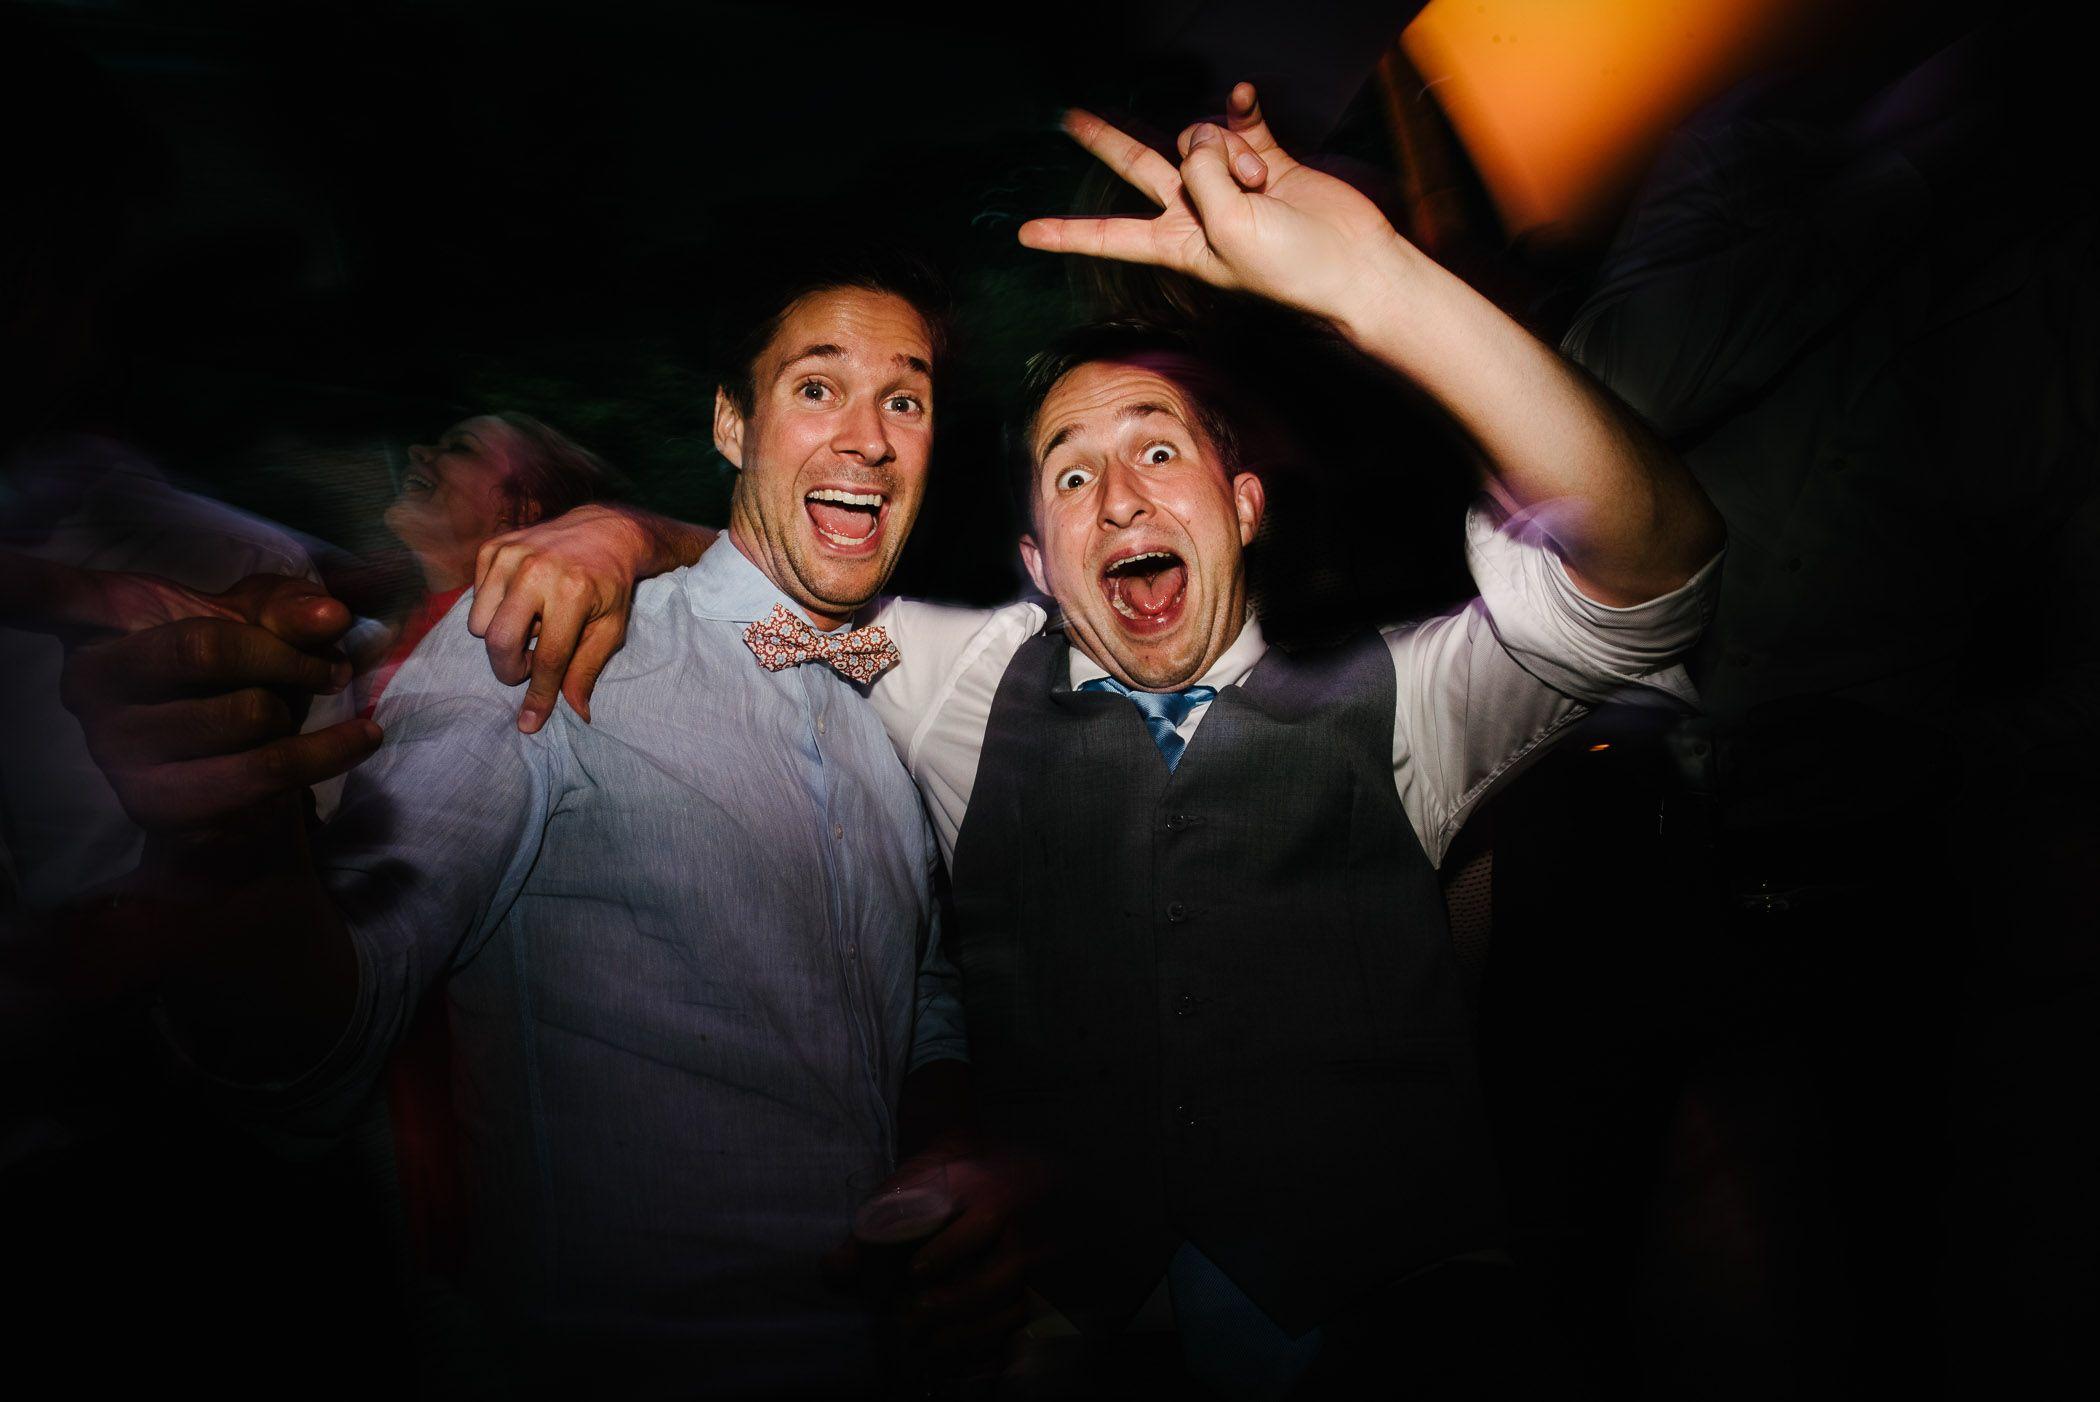 trouwfotograaf journalistiek fotograaf bruiloft ongeposeerd